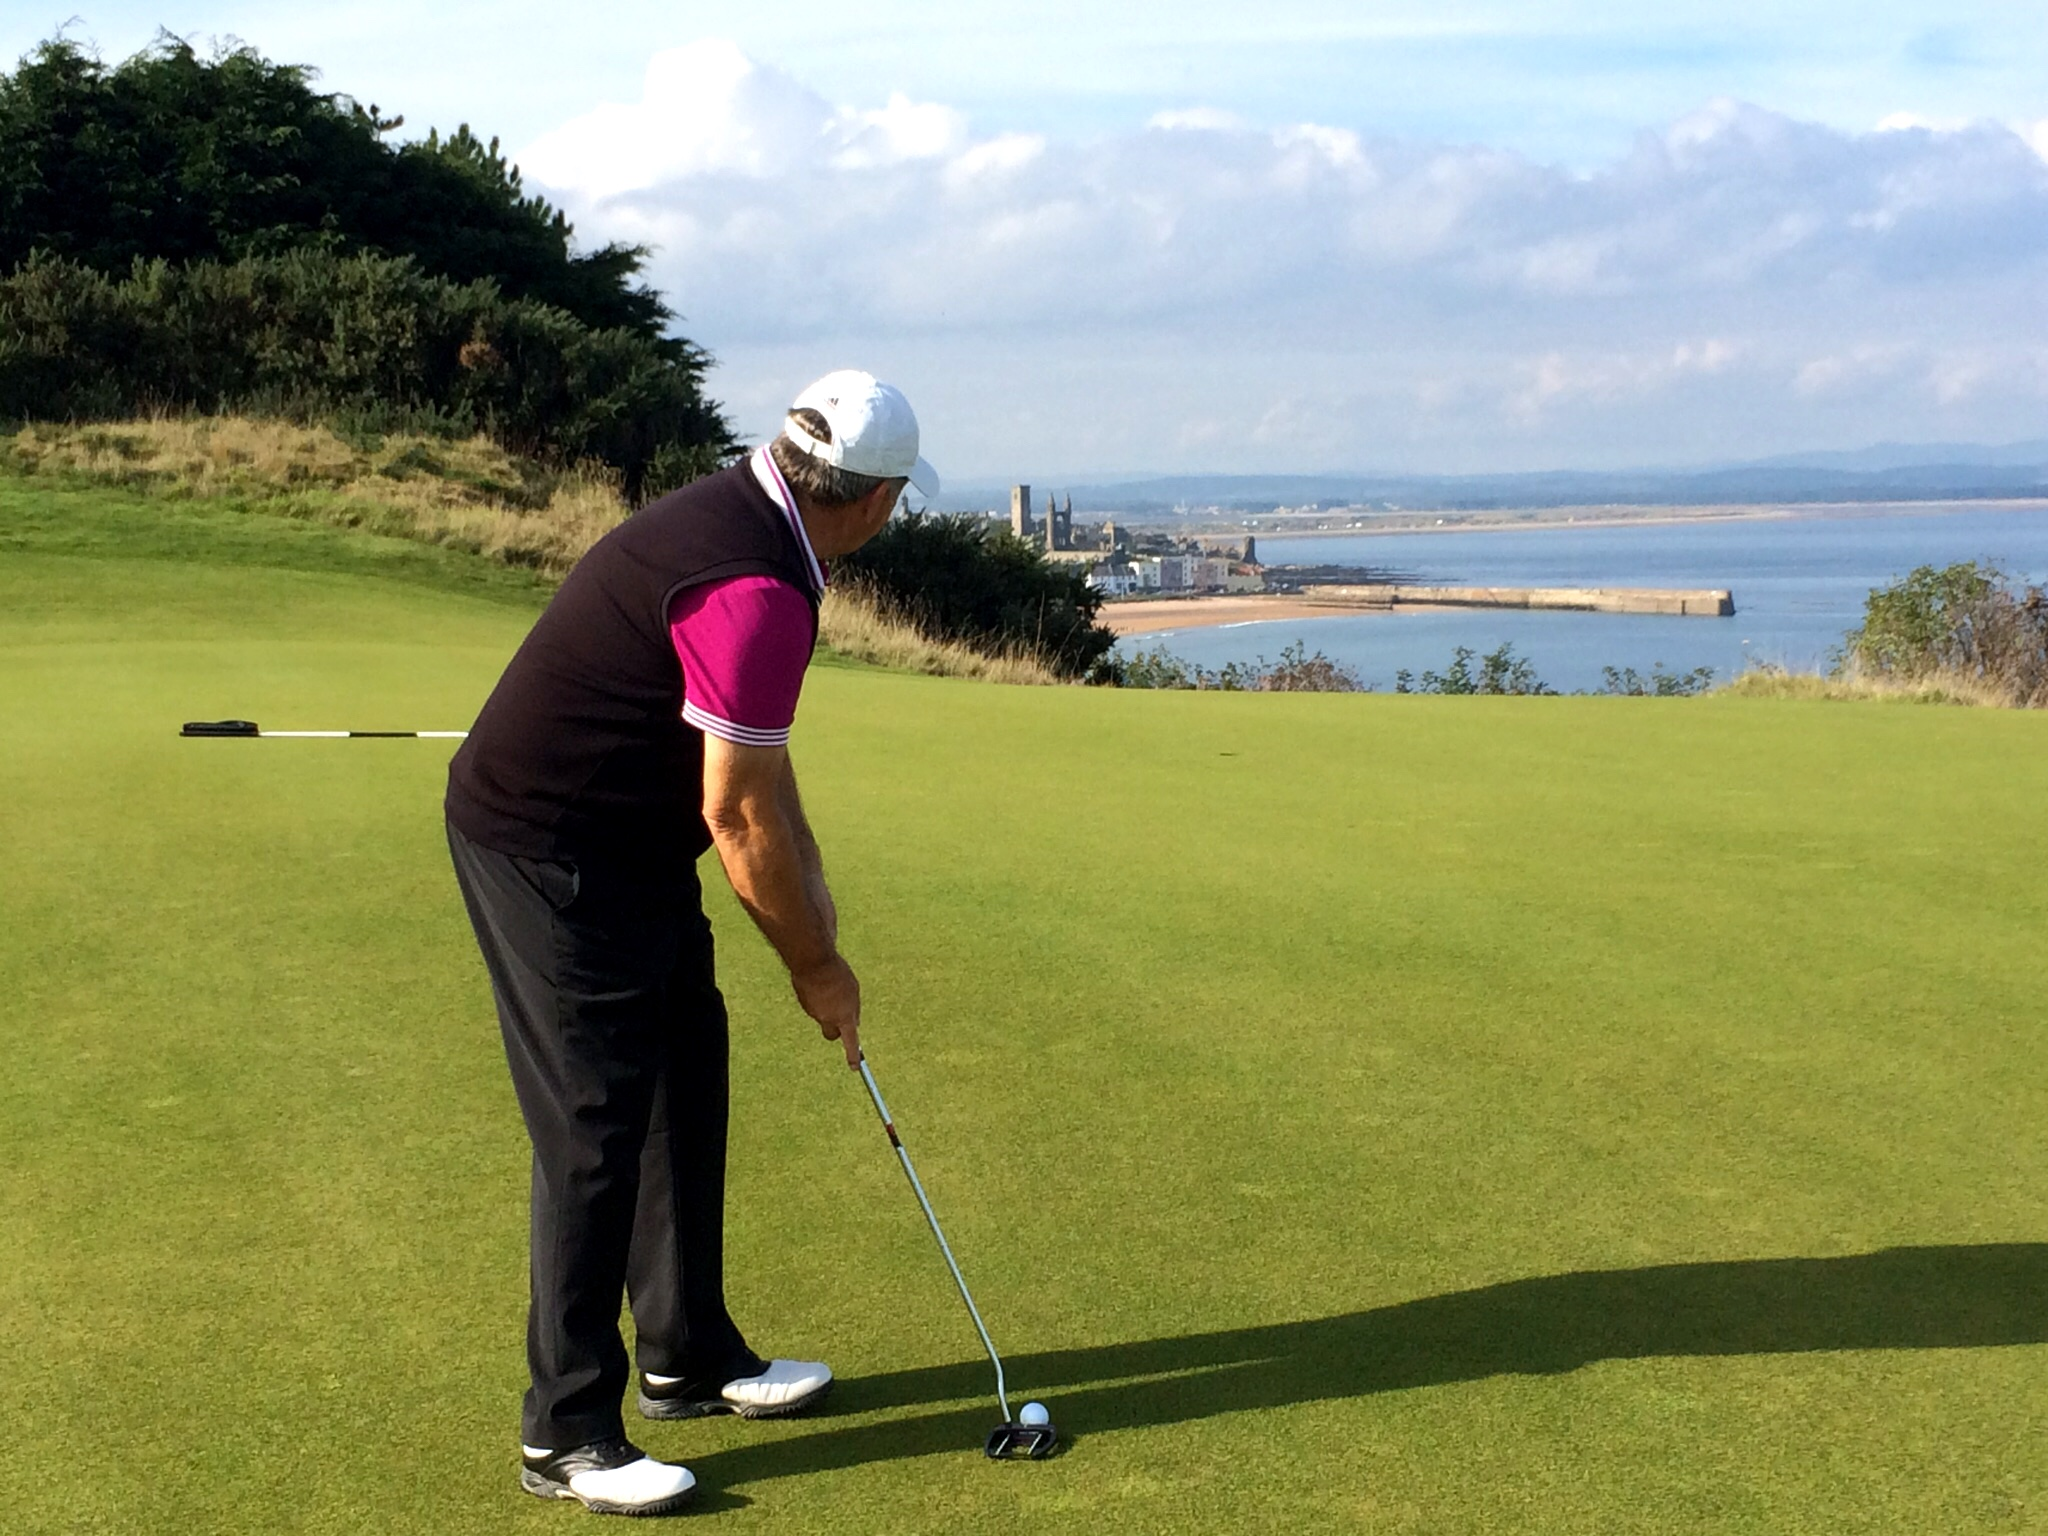 Avatar of golfer named Ruedi Francesio